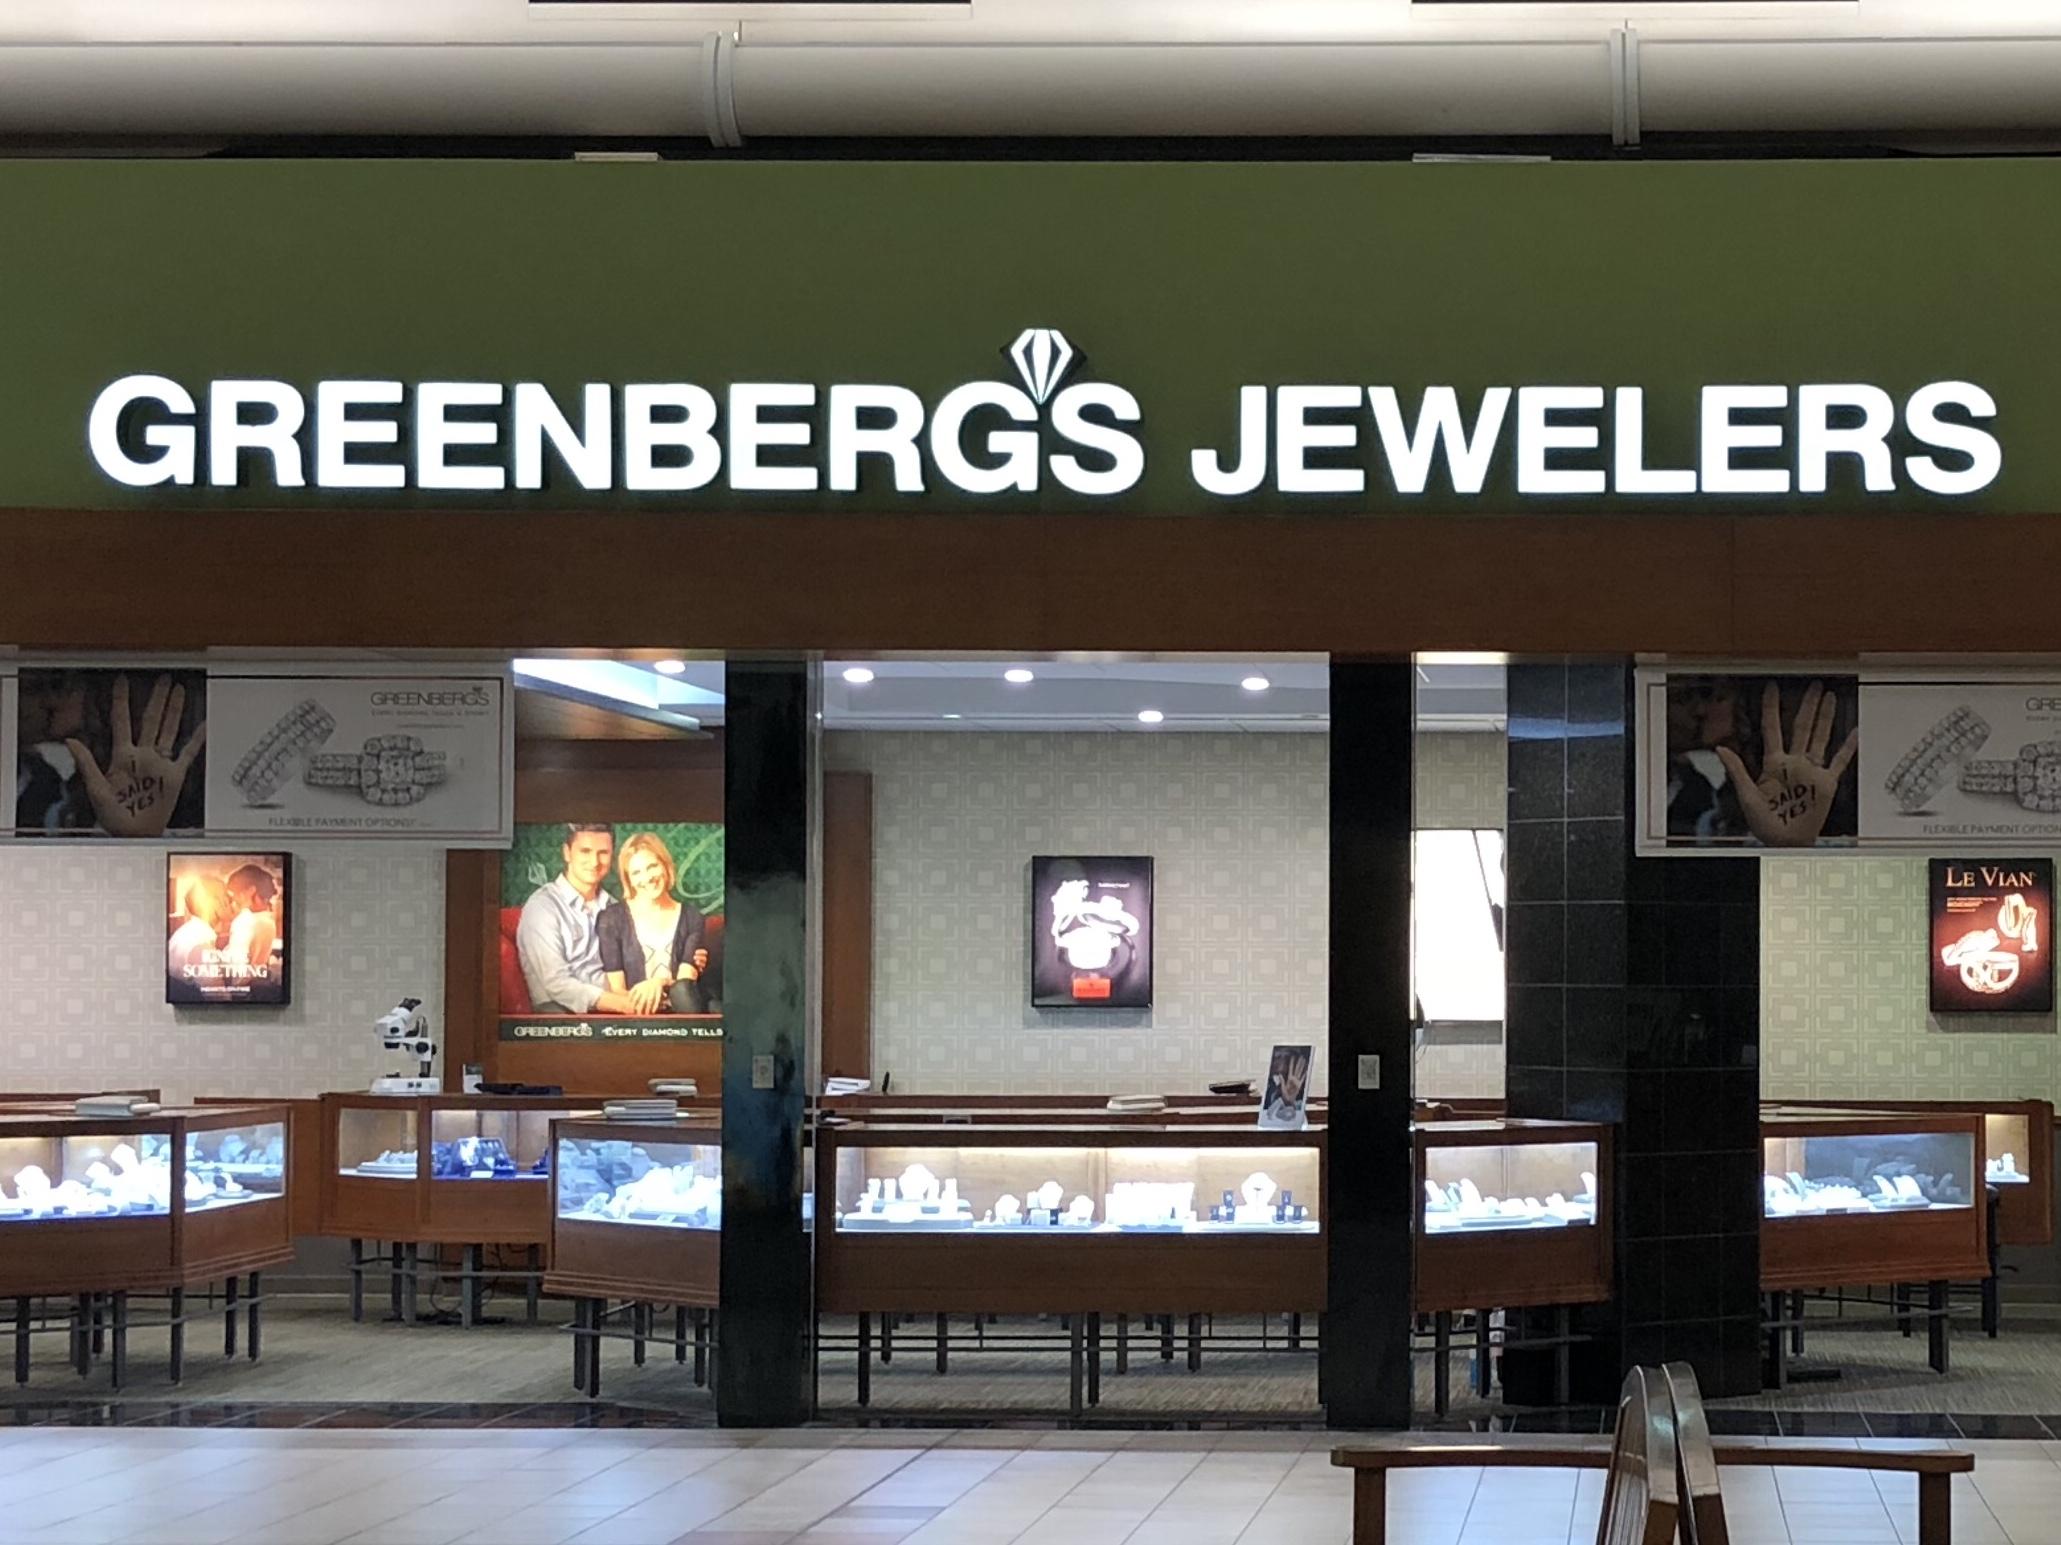 15+ Greenbergs jewelry sioux city iowa information